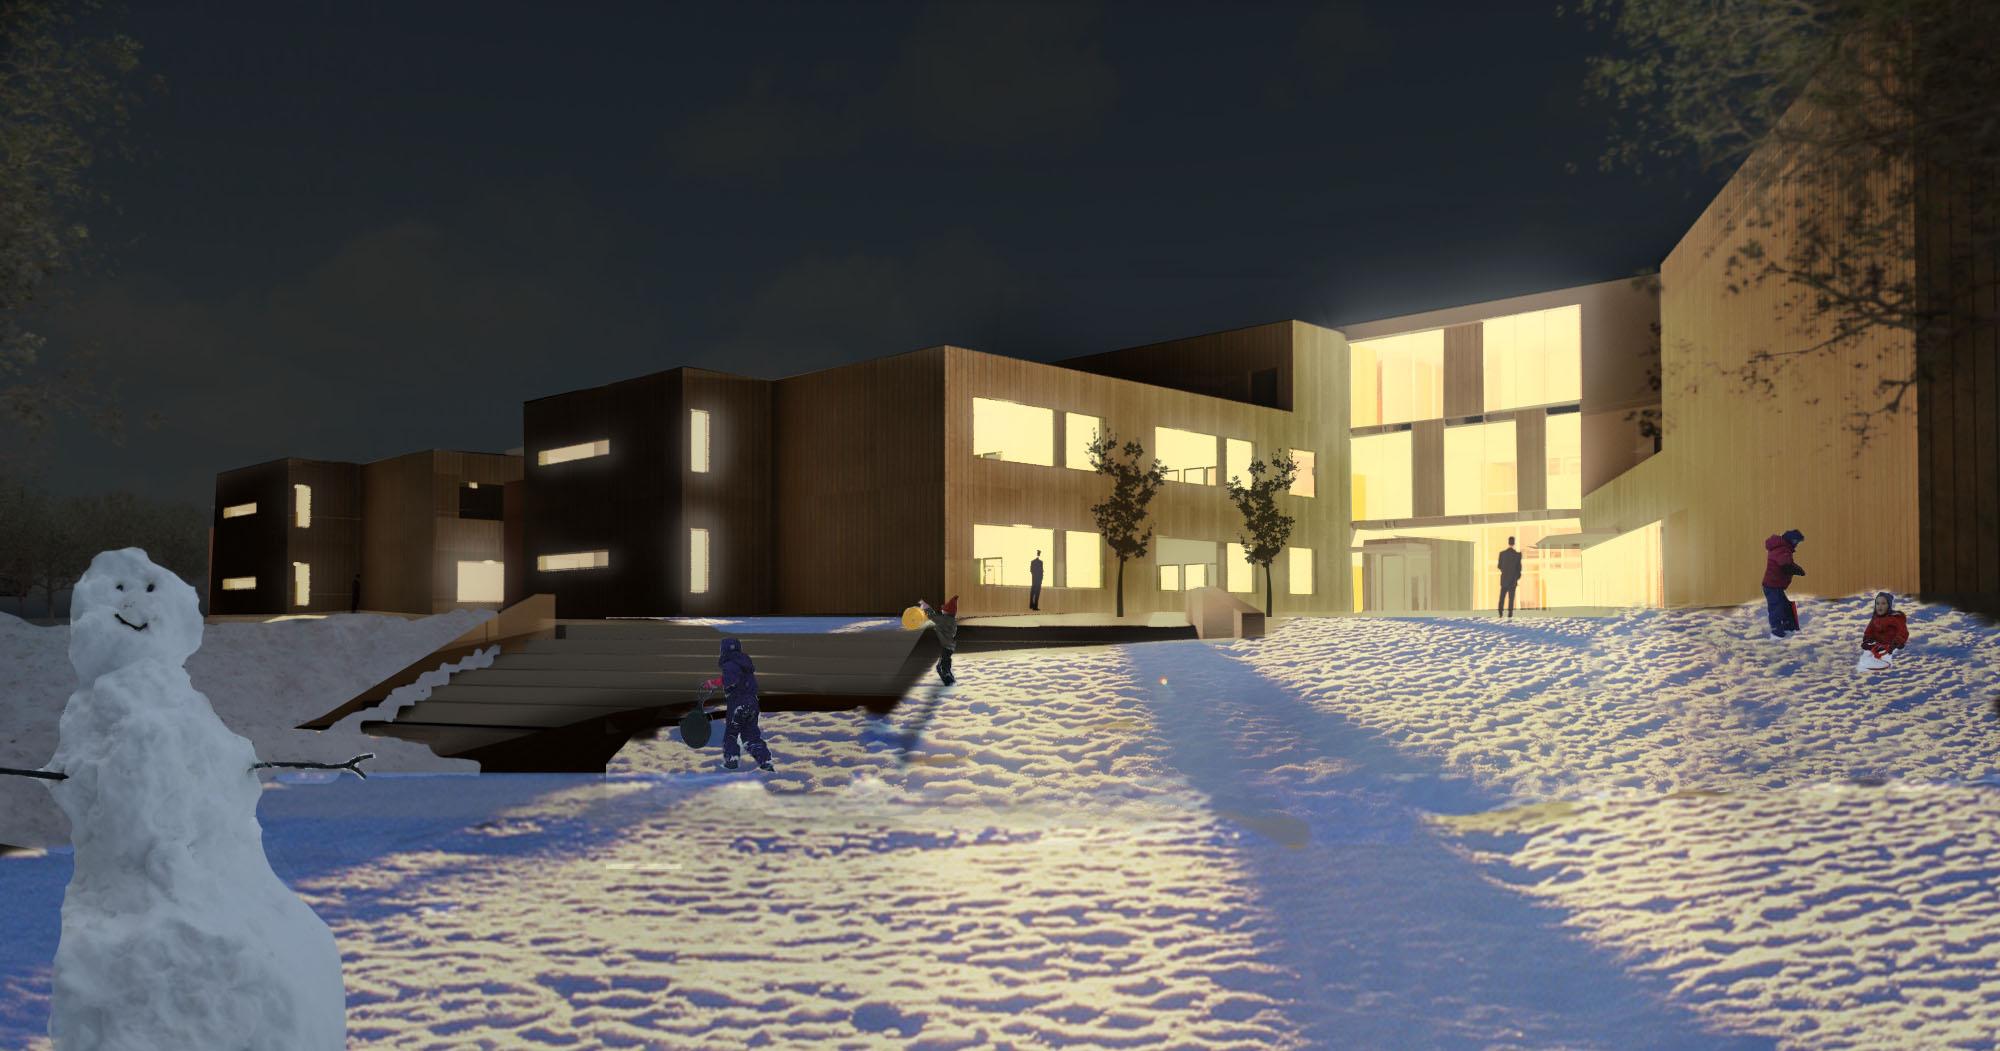 Rykkinn_site( natt vinter.jpg